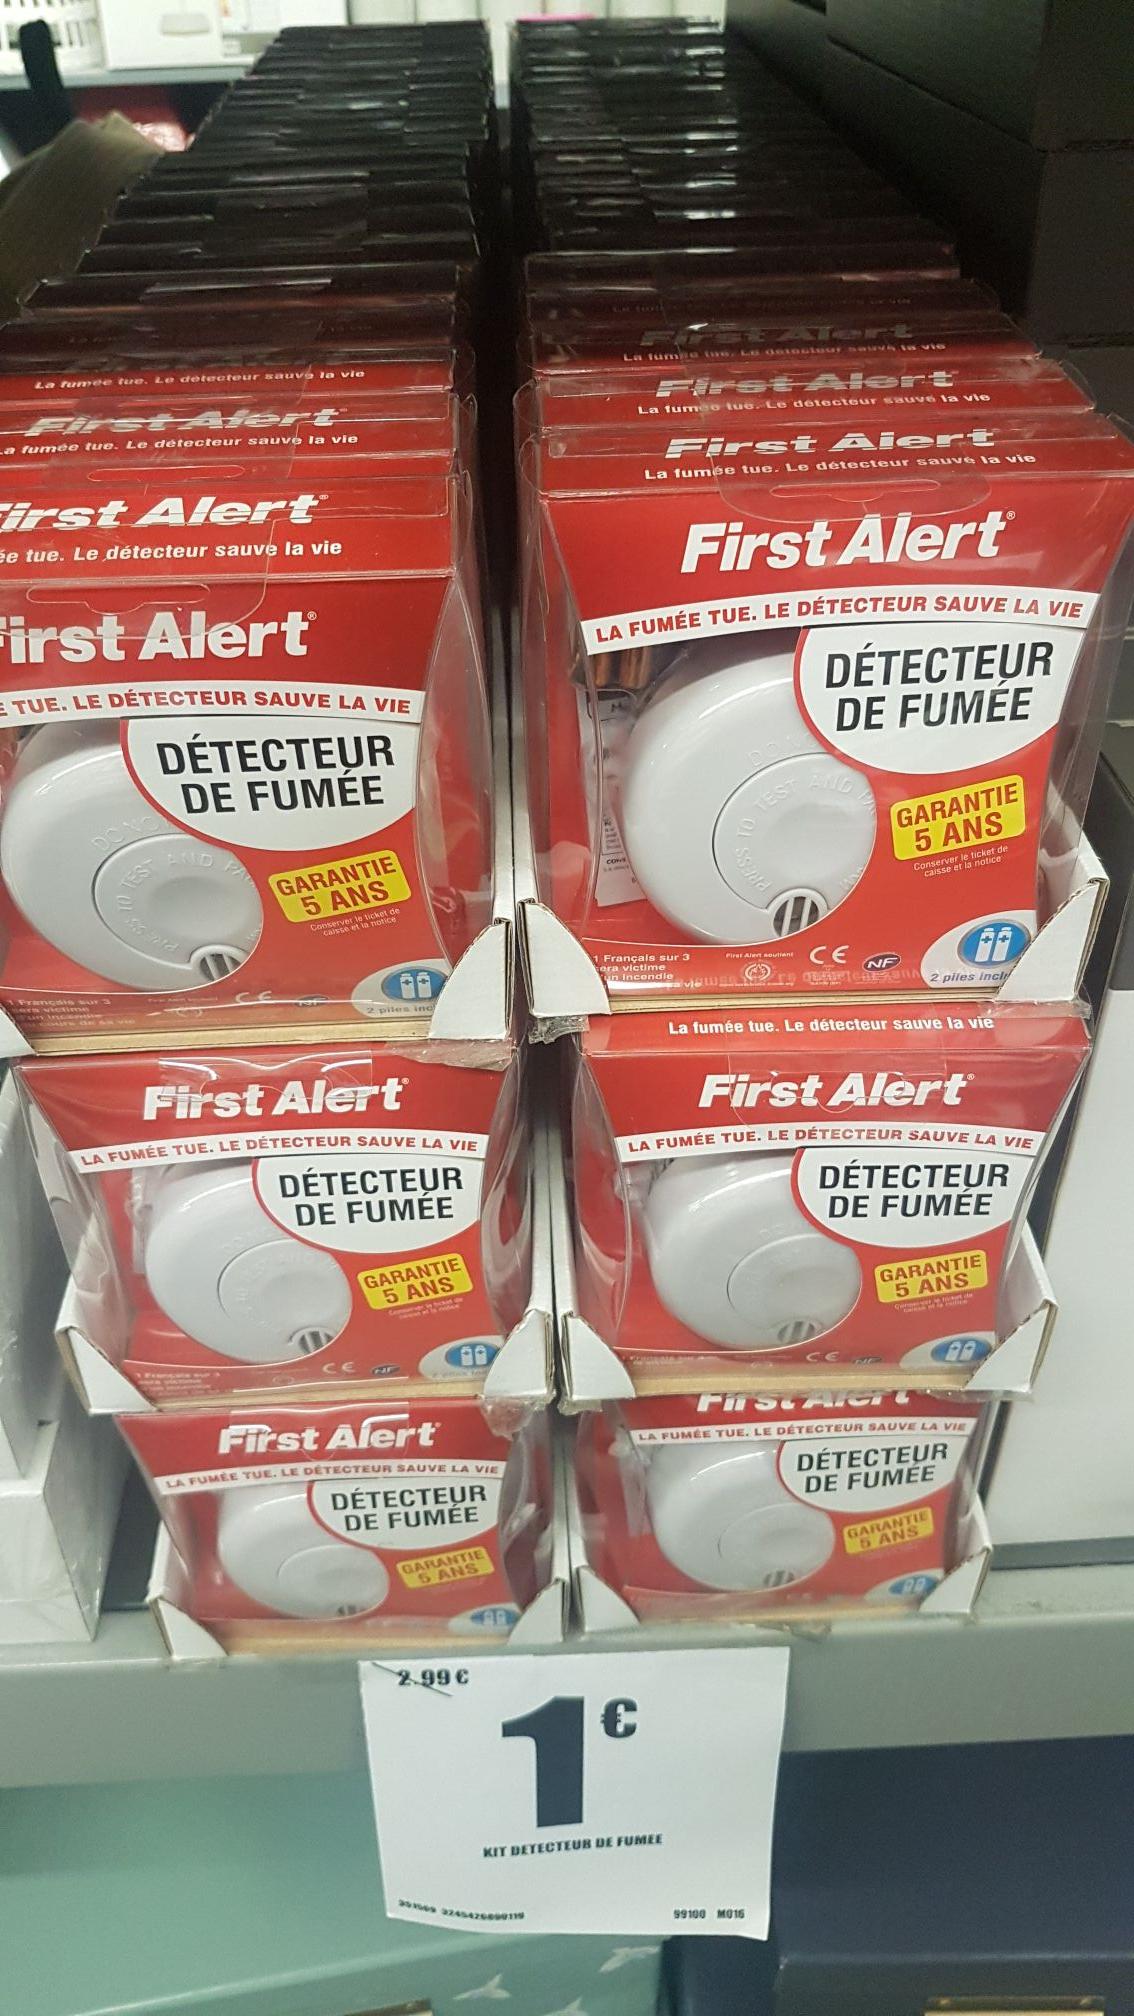 Détecteur de fumées First Alert - Colomiers (31)